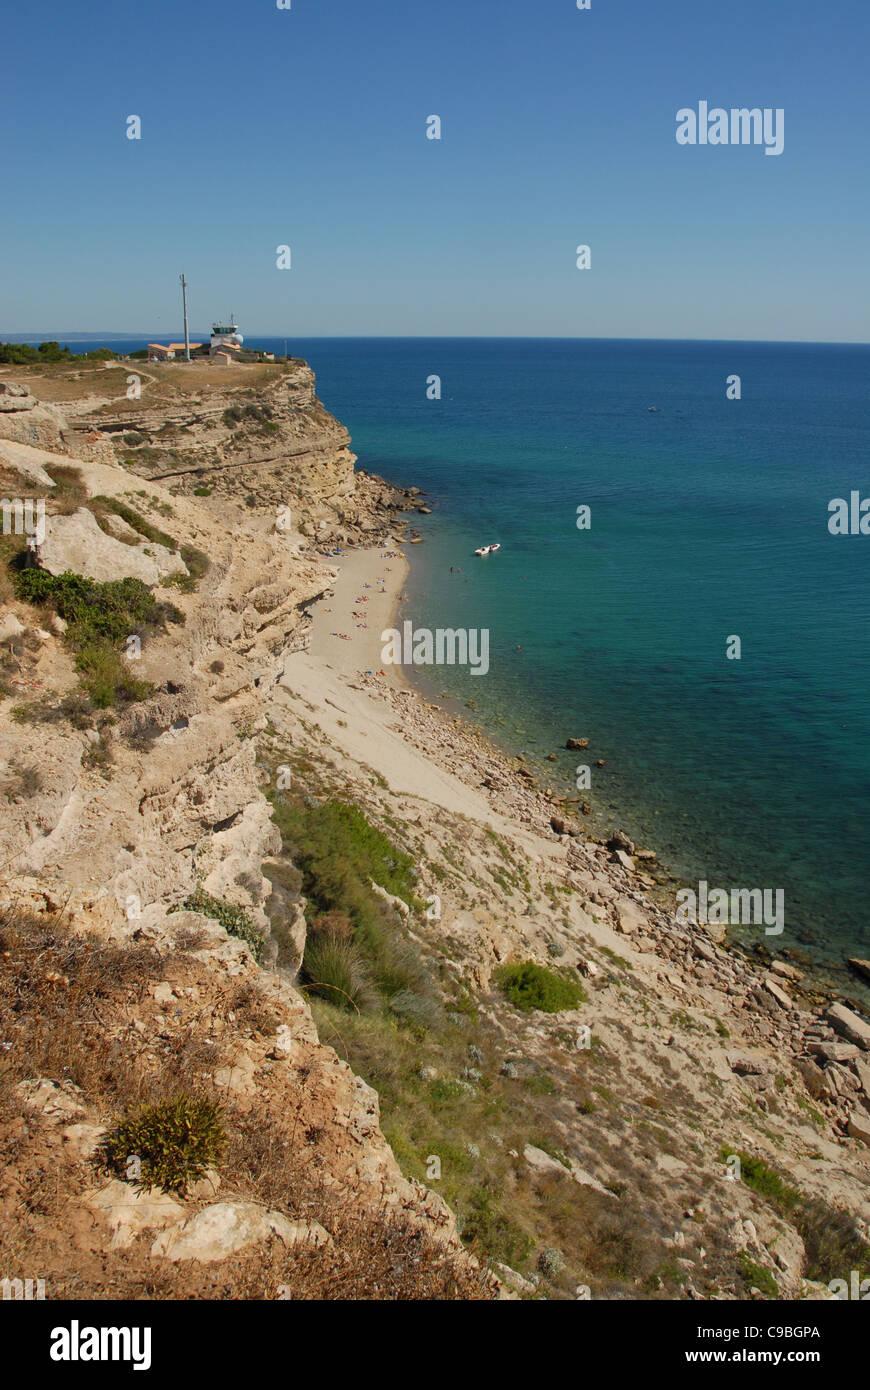 Die kalkhaltigen Klippen des Cap Leucate am Golfe du Lion des Mittelmeers mit Leuchtturm und felsigen Sandstrand Stockbild